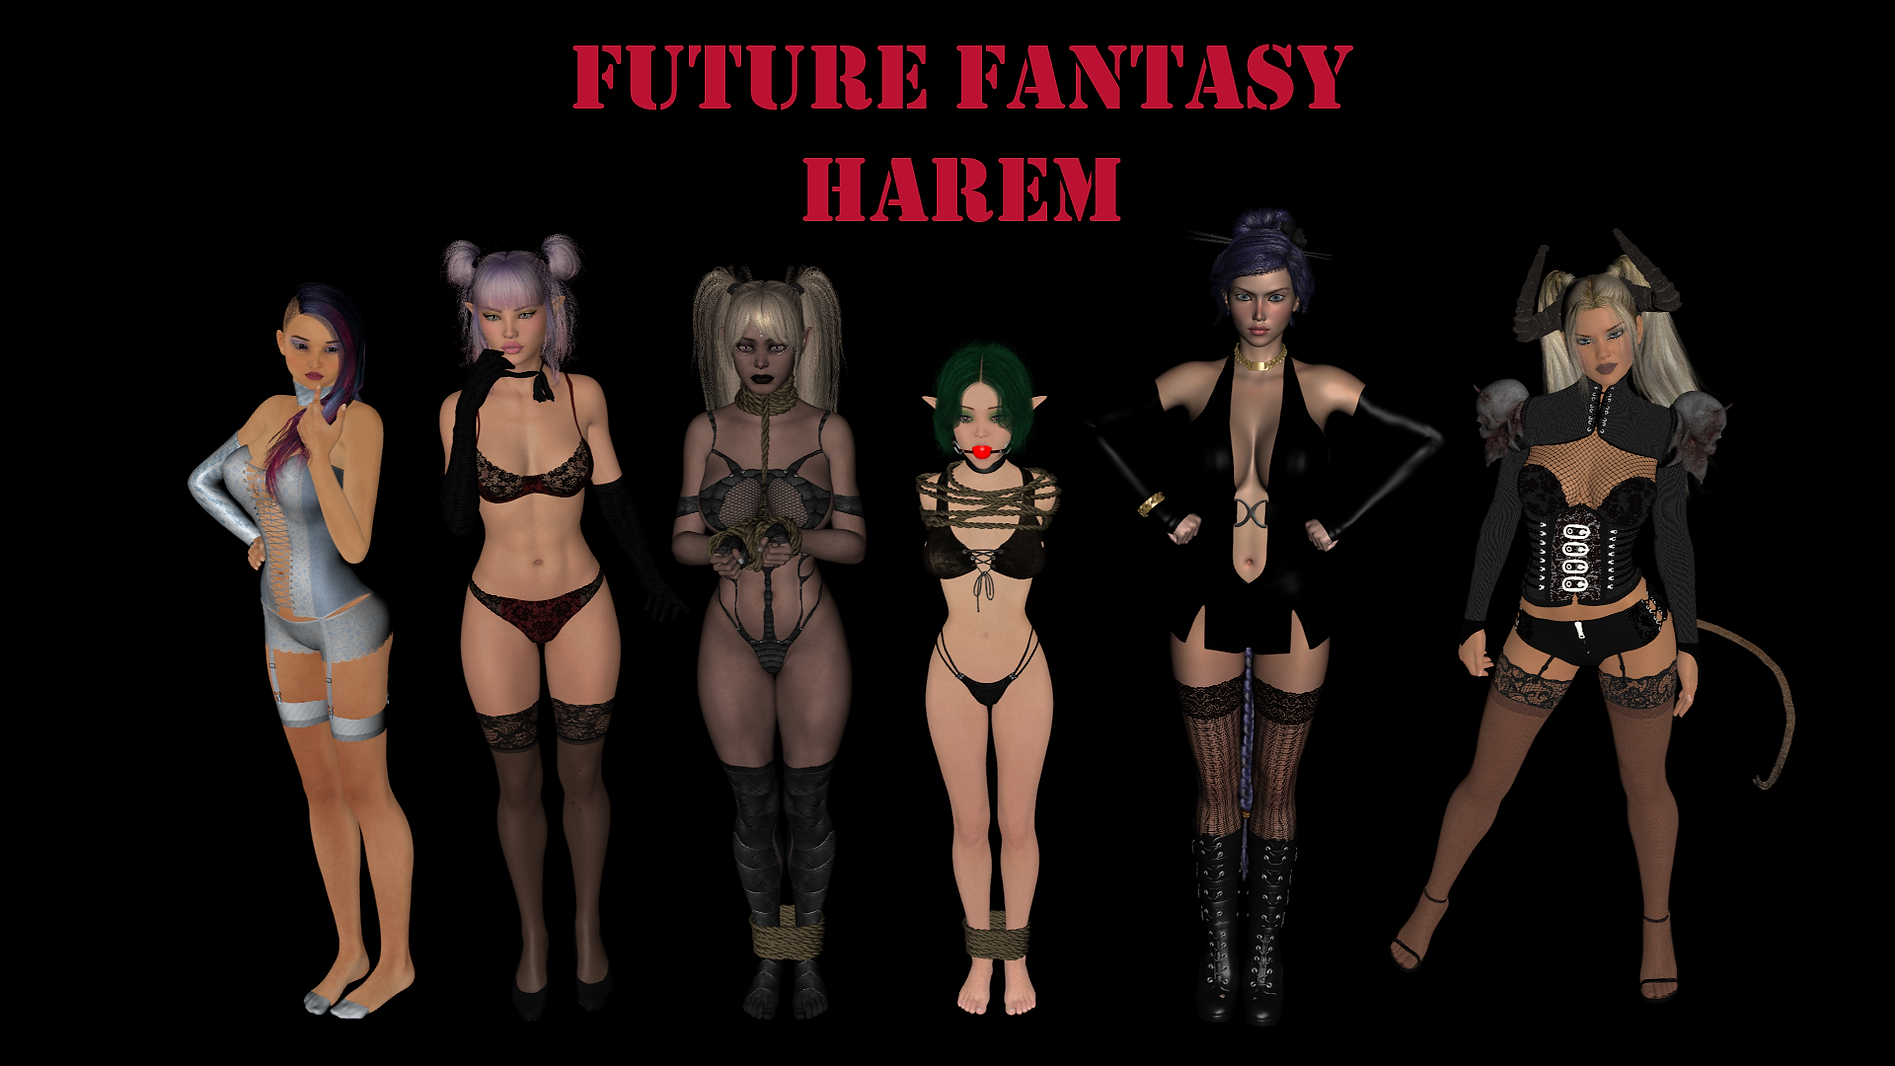 Future Fantasy Harem Main - Haru's Harem